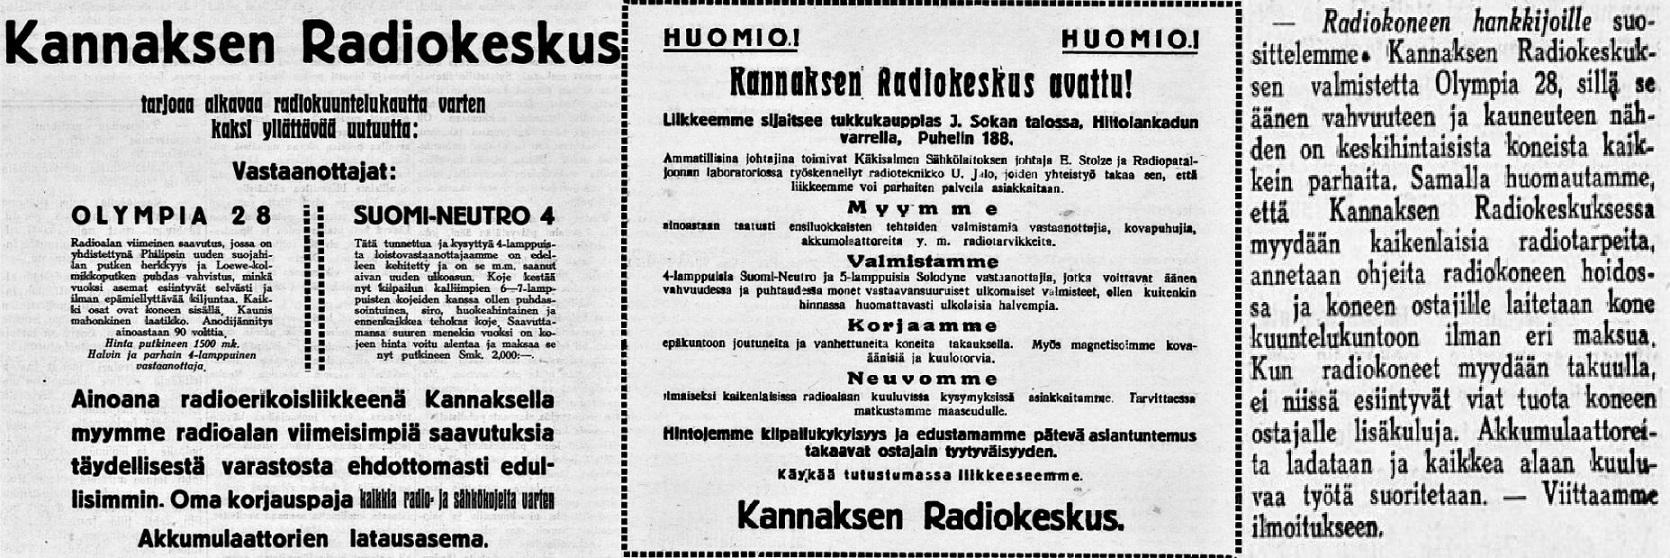 Kannaksen_Radiokeskus_Kdkisalmen_Sanomat_no_97_1928__no_22_1928__no_121_1928.jpg